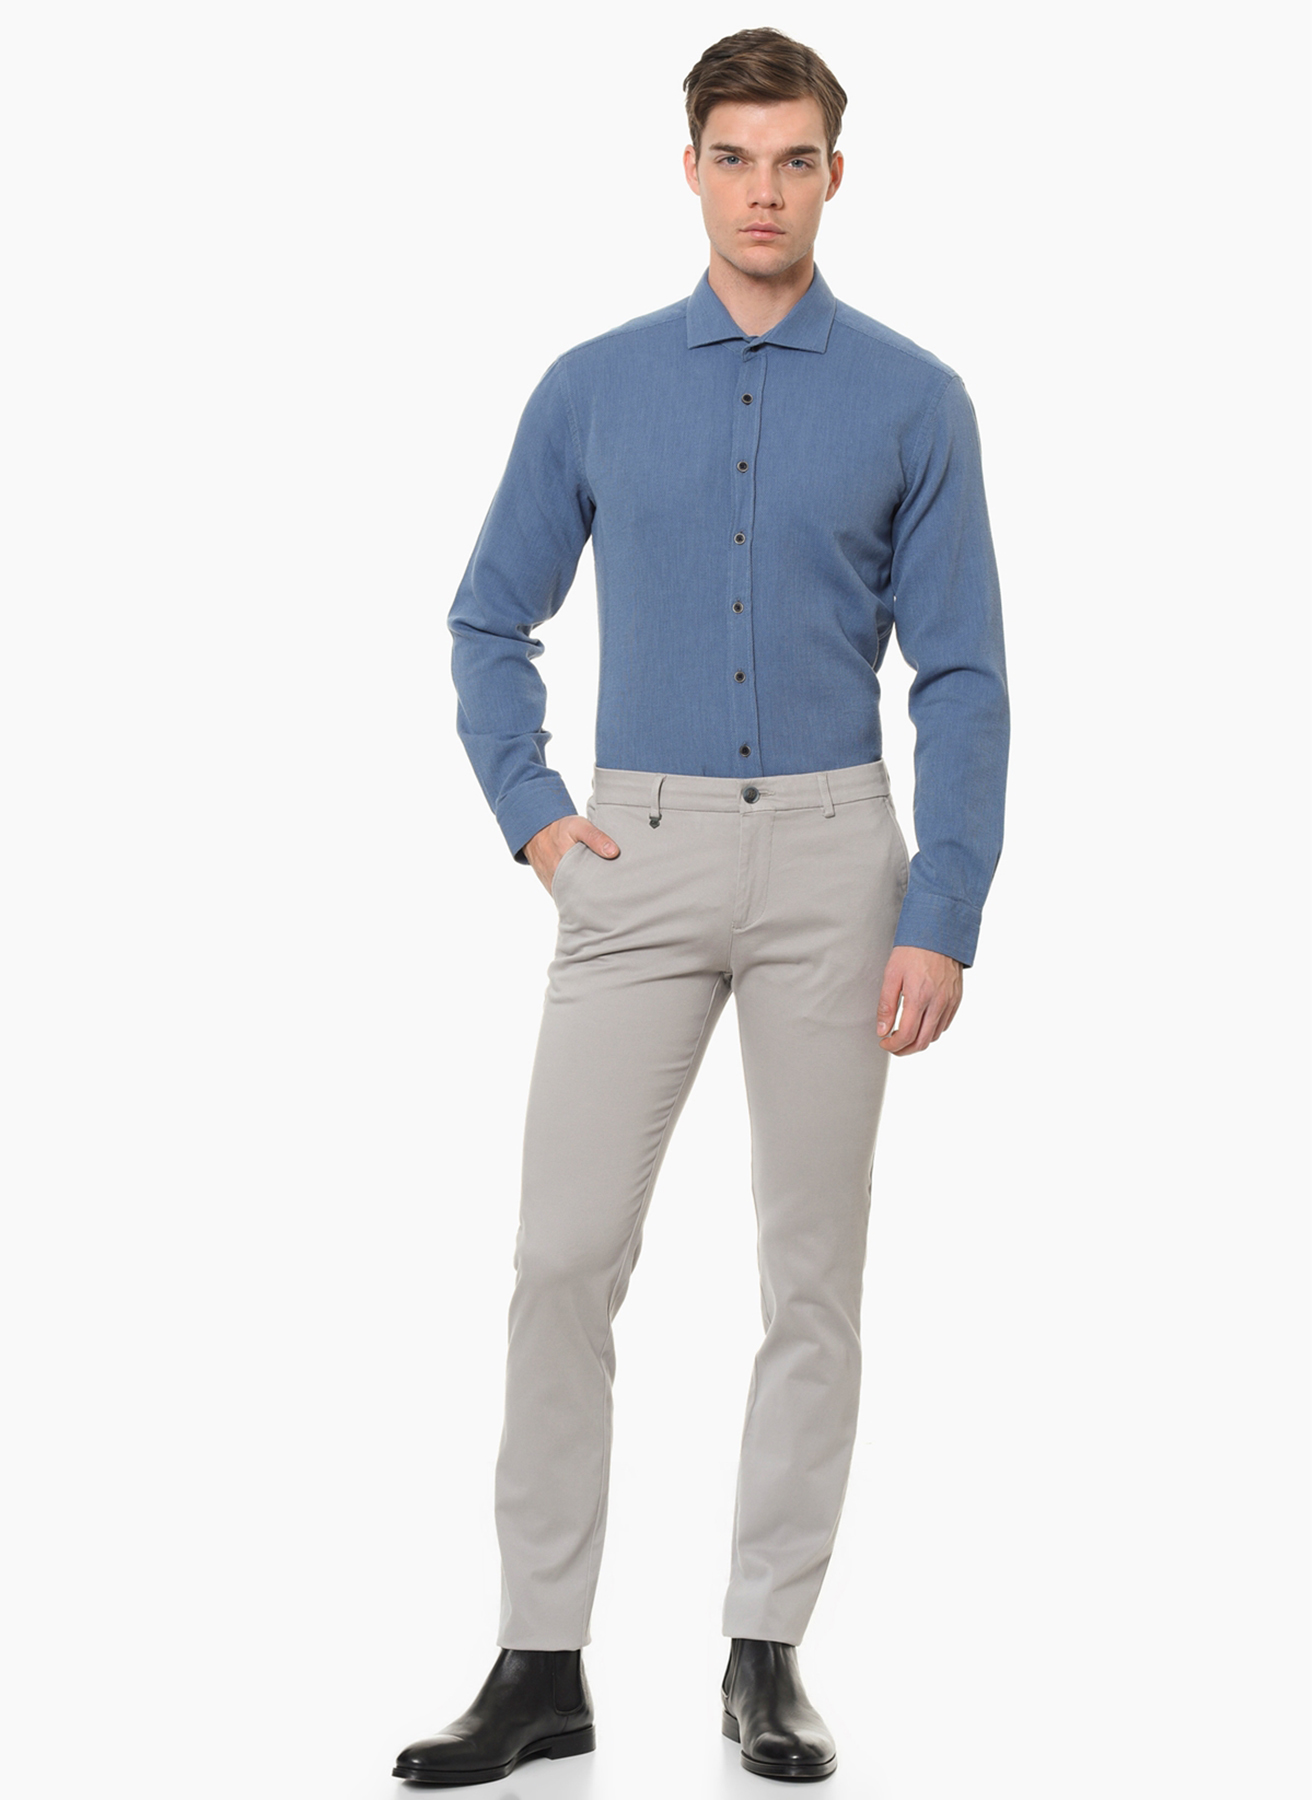 George Hogg Casual Gri Klasik Pantolon 52 5001699472004 Ürün Resmi